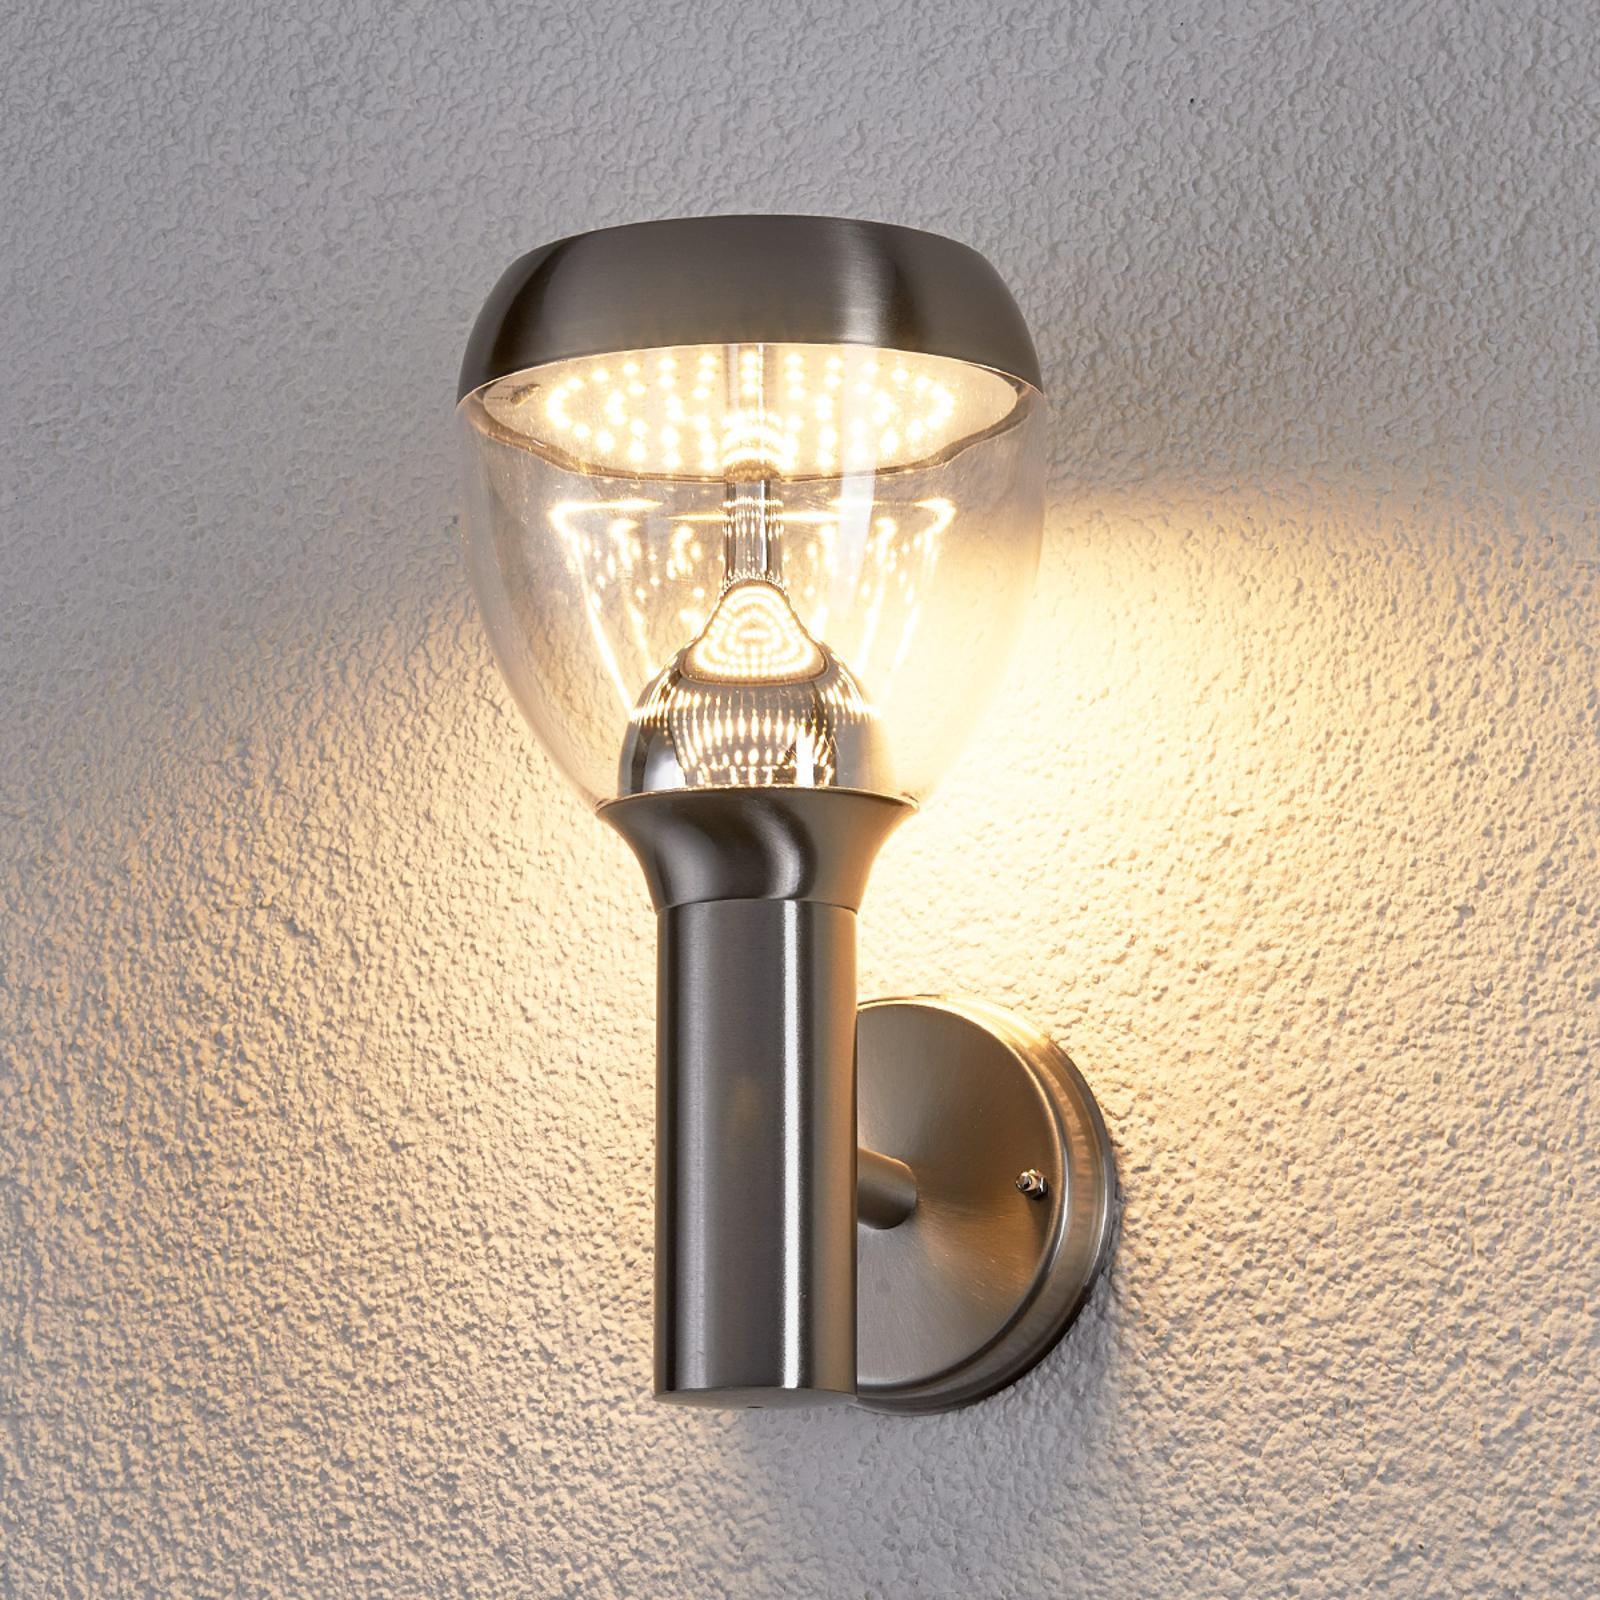 LED-ulkoseinävalaisin Etta ruostum. teräksestä